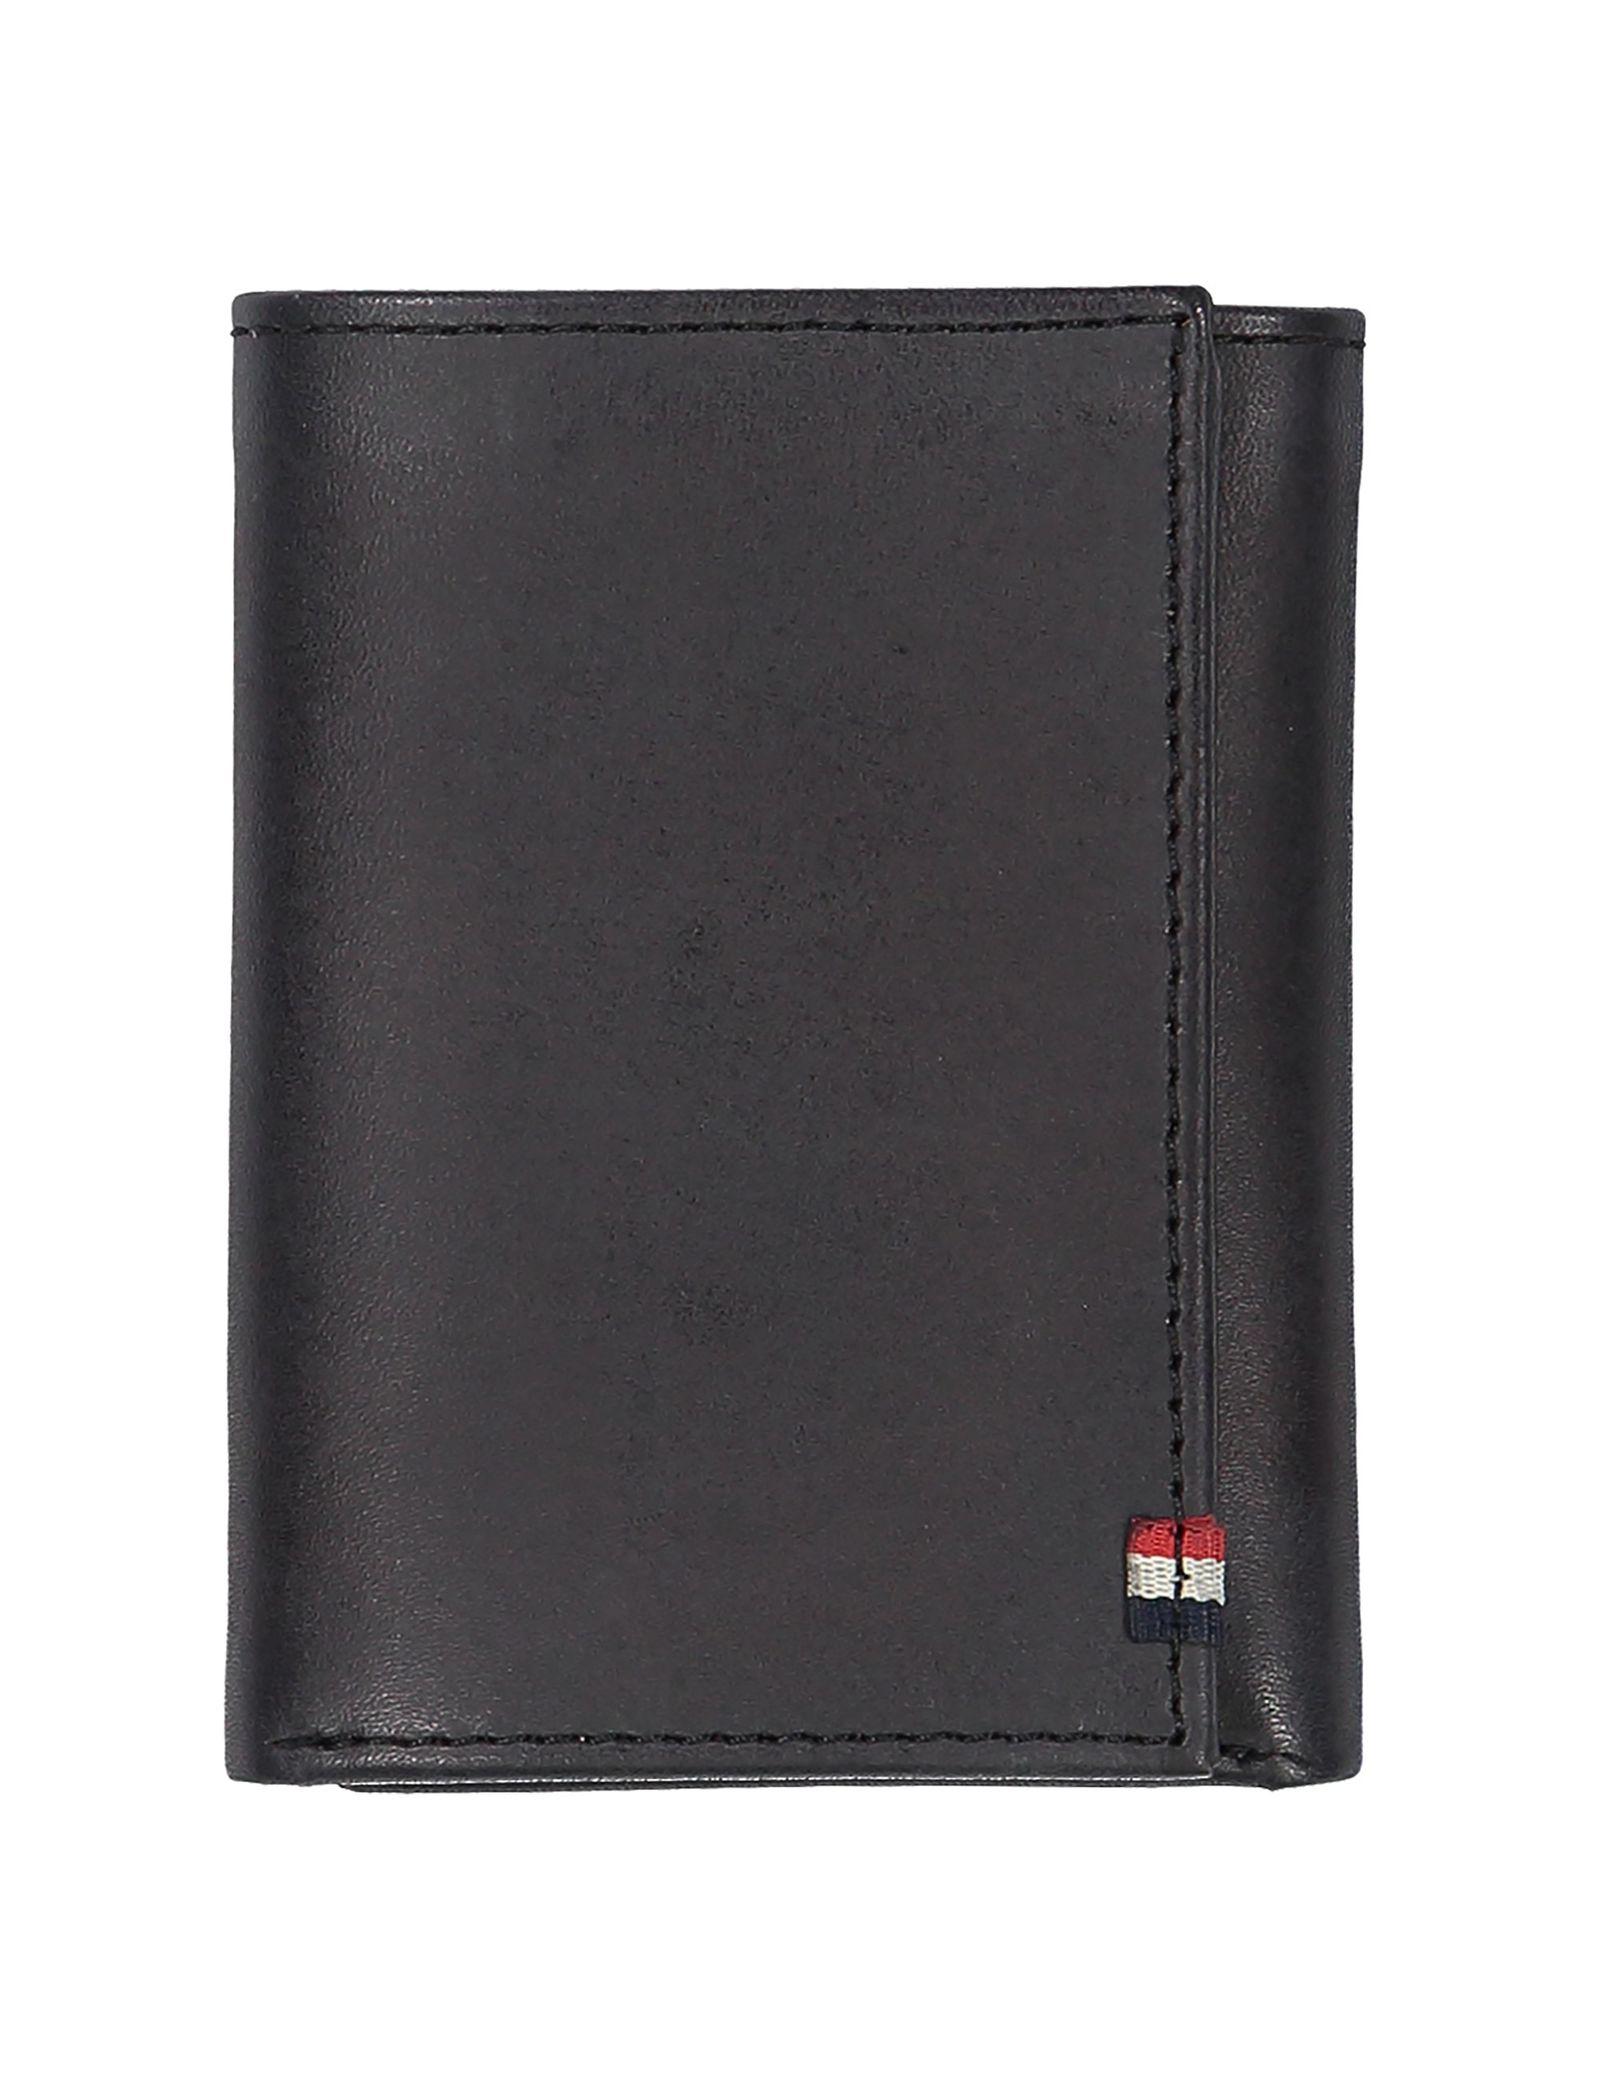 کیف پول کتابی چرم مردانه Premium Bi Fold Leather - سوپردرای - مشکي - 1